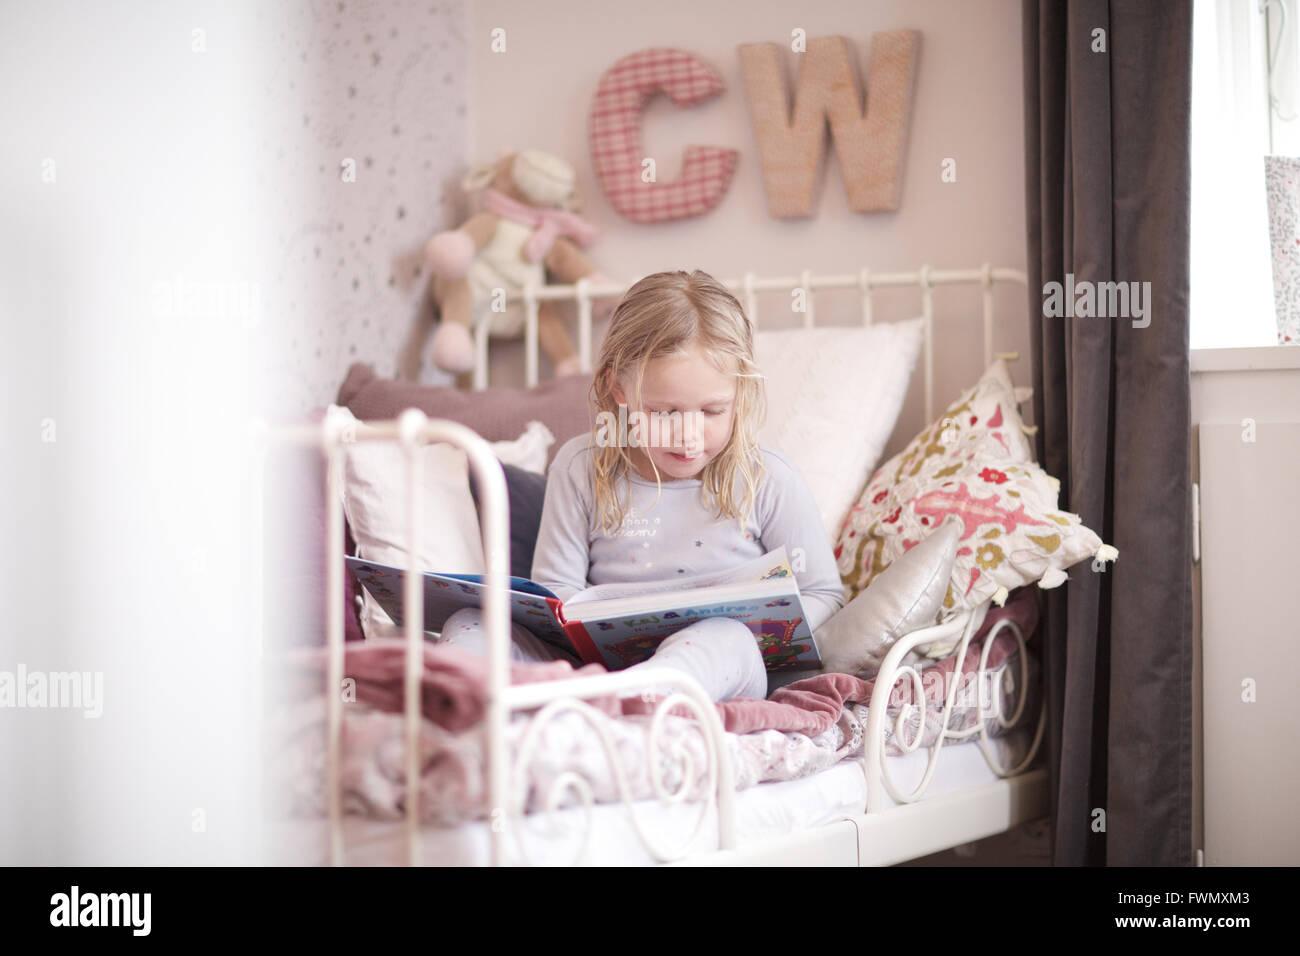 Niña leyendo cuentos de hadas. focus, cabrito, el aprendizaje, la lectura. Imagen De Stock